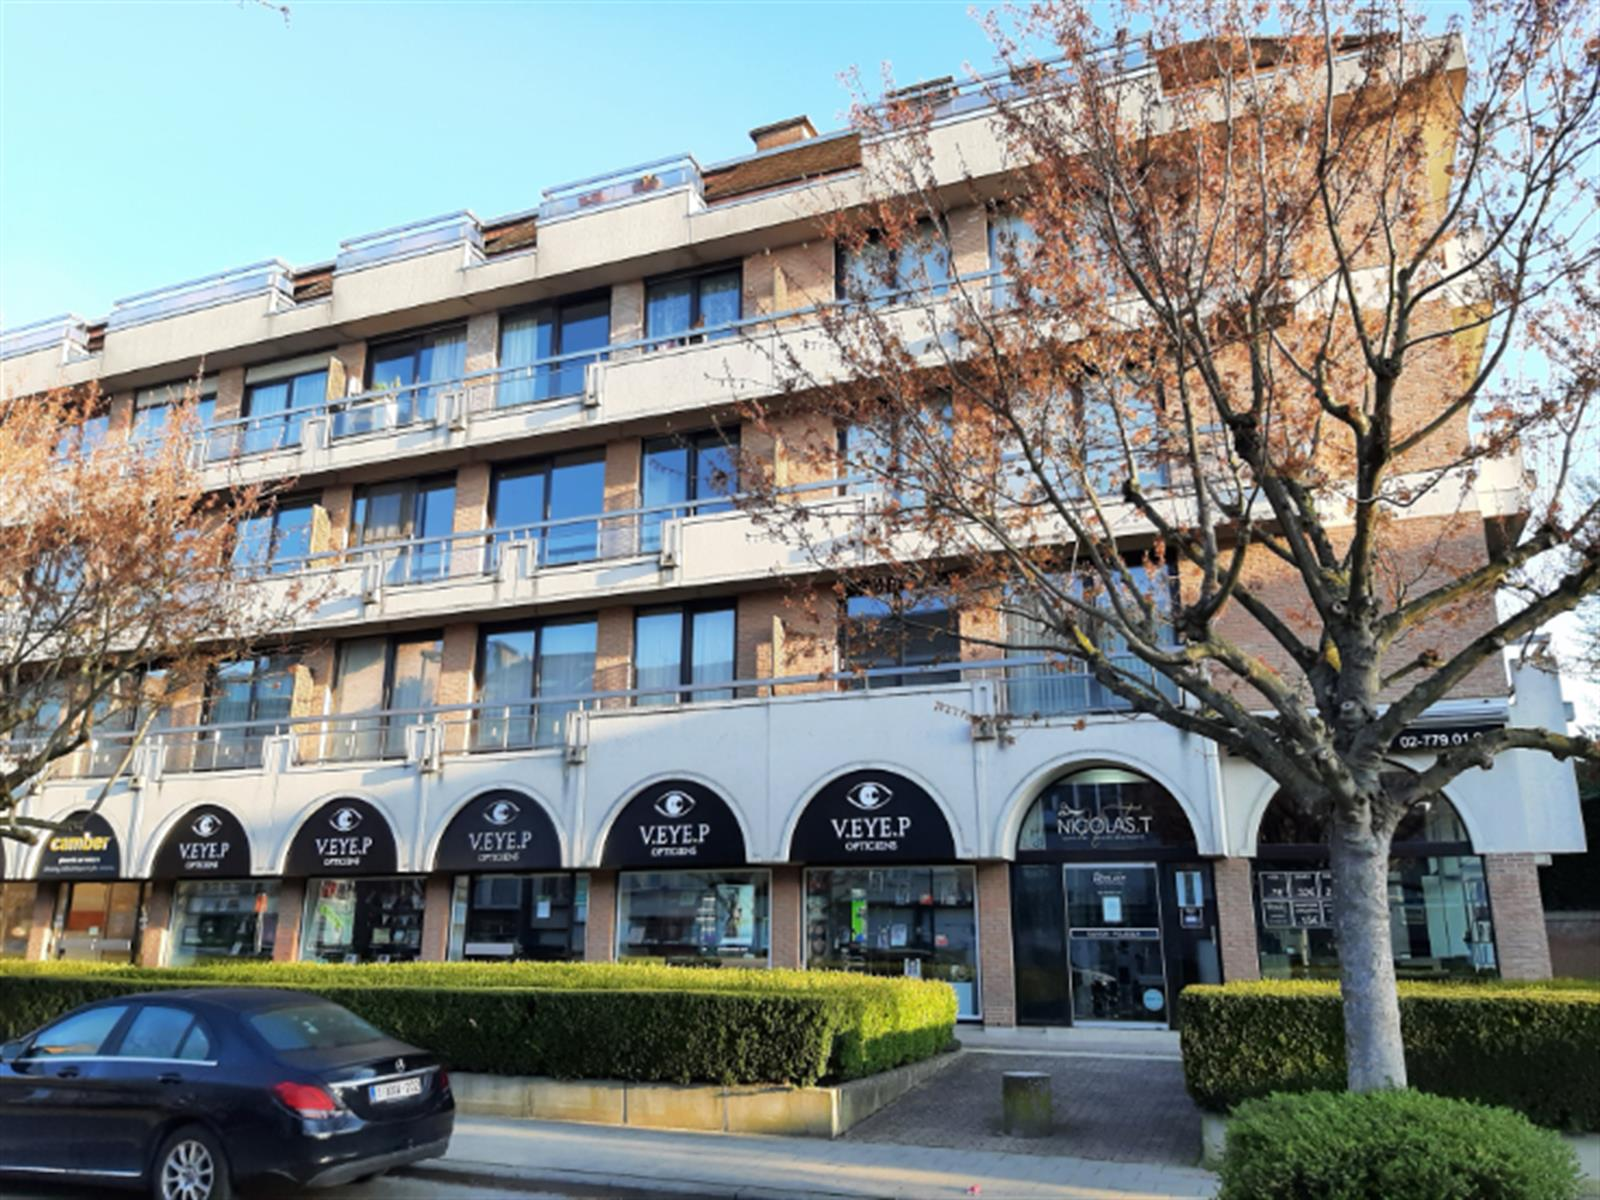 Appartement - Woluwe-Saint-Pierre - #4350243-13